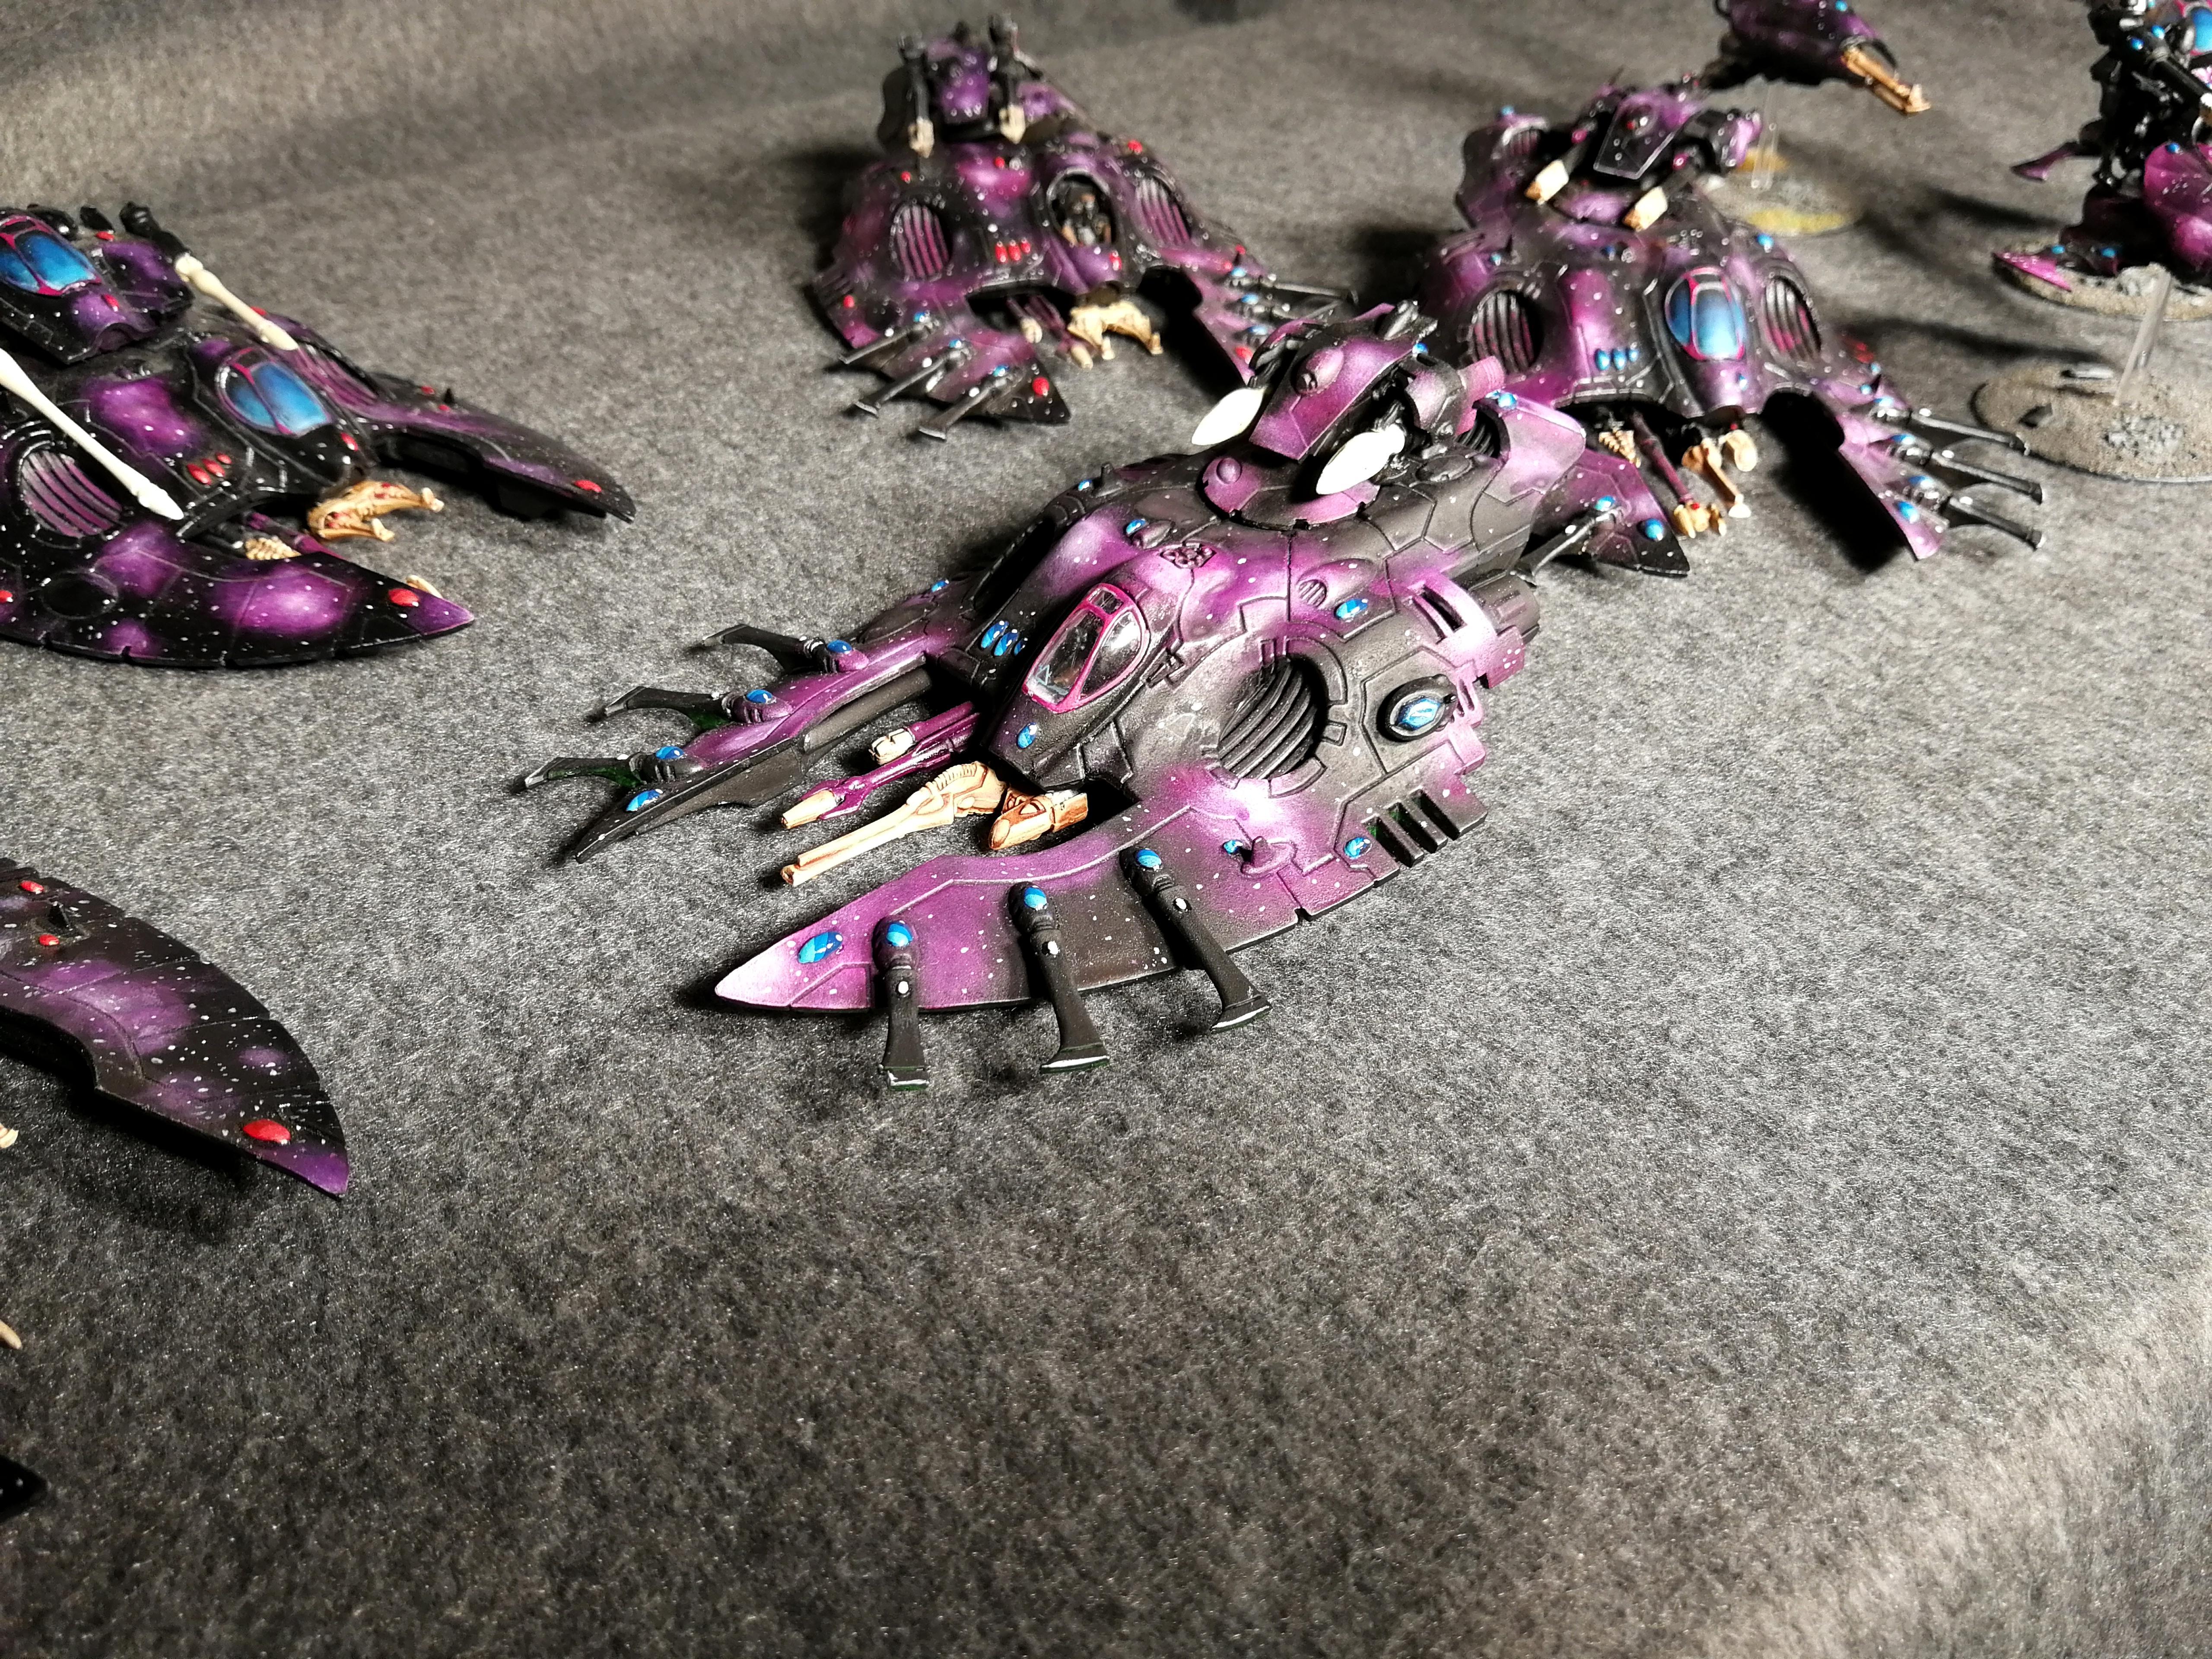 Eldar, Falcon, Fire Prism, Pattern, Skimmer, Space, Star, Tank, Ulthwe, Vehicle, Warhammer 40,000, Wave Serpent